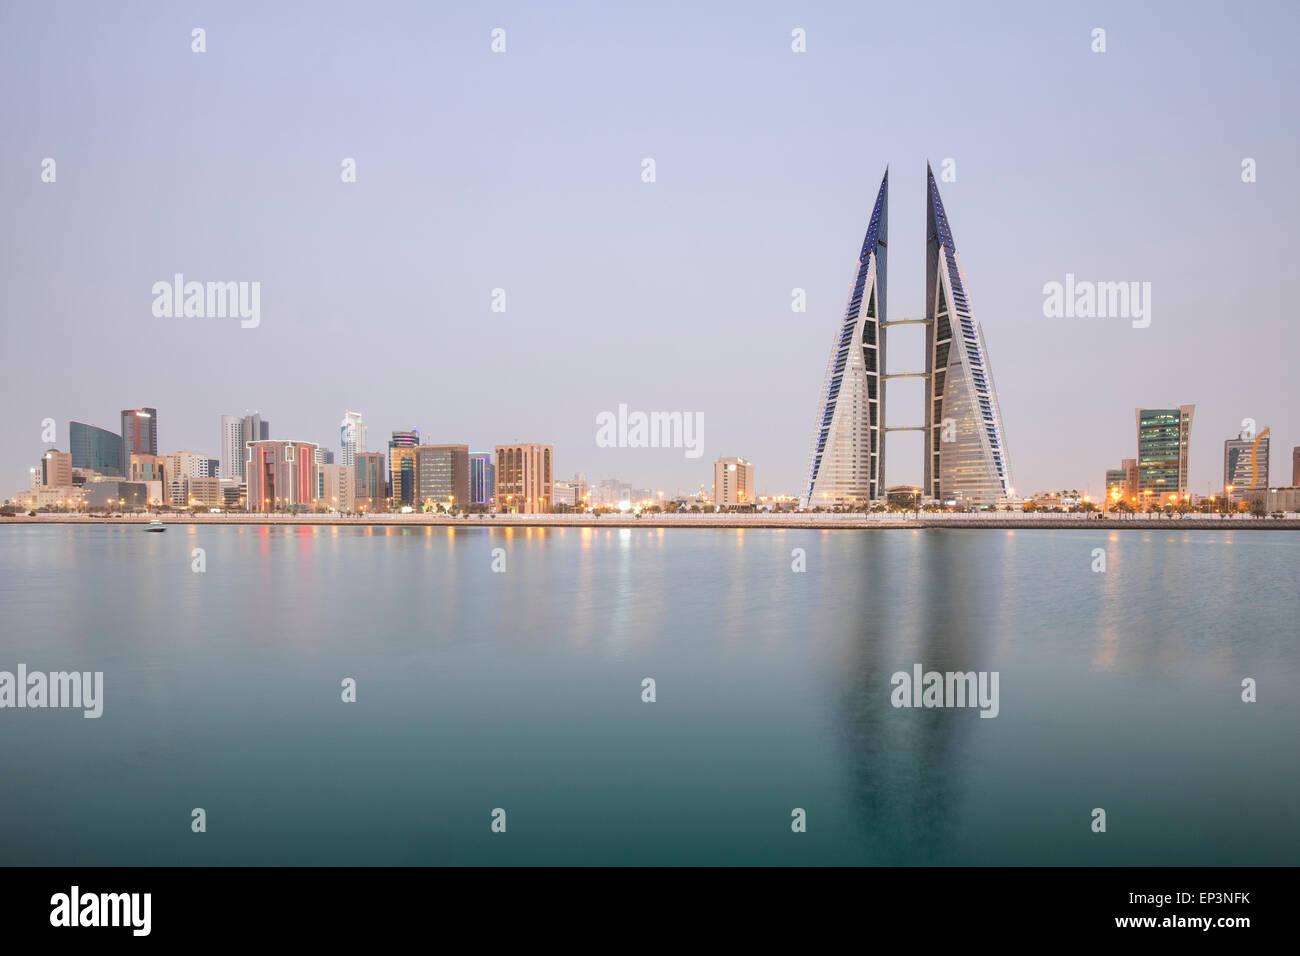 Vista del Centro Mundial de Comercio y la ciudad de Manama en Reino de Bahréin Imagen De Stock